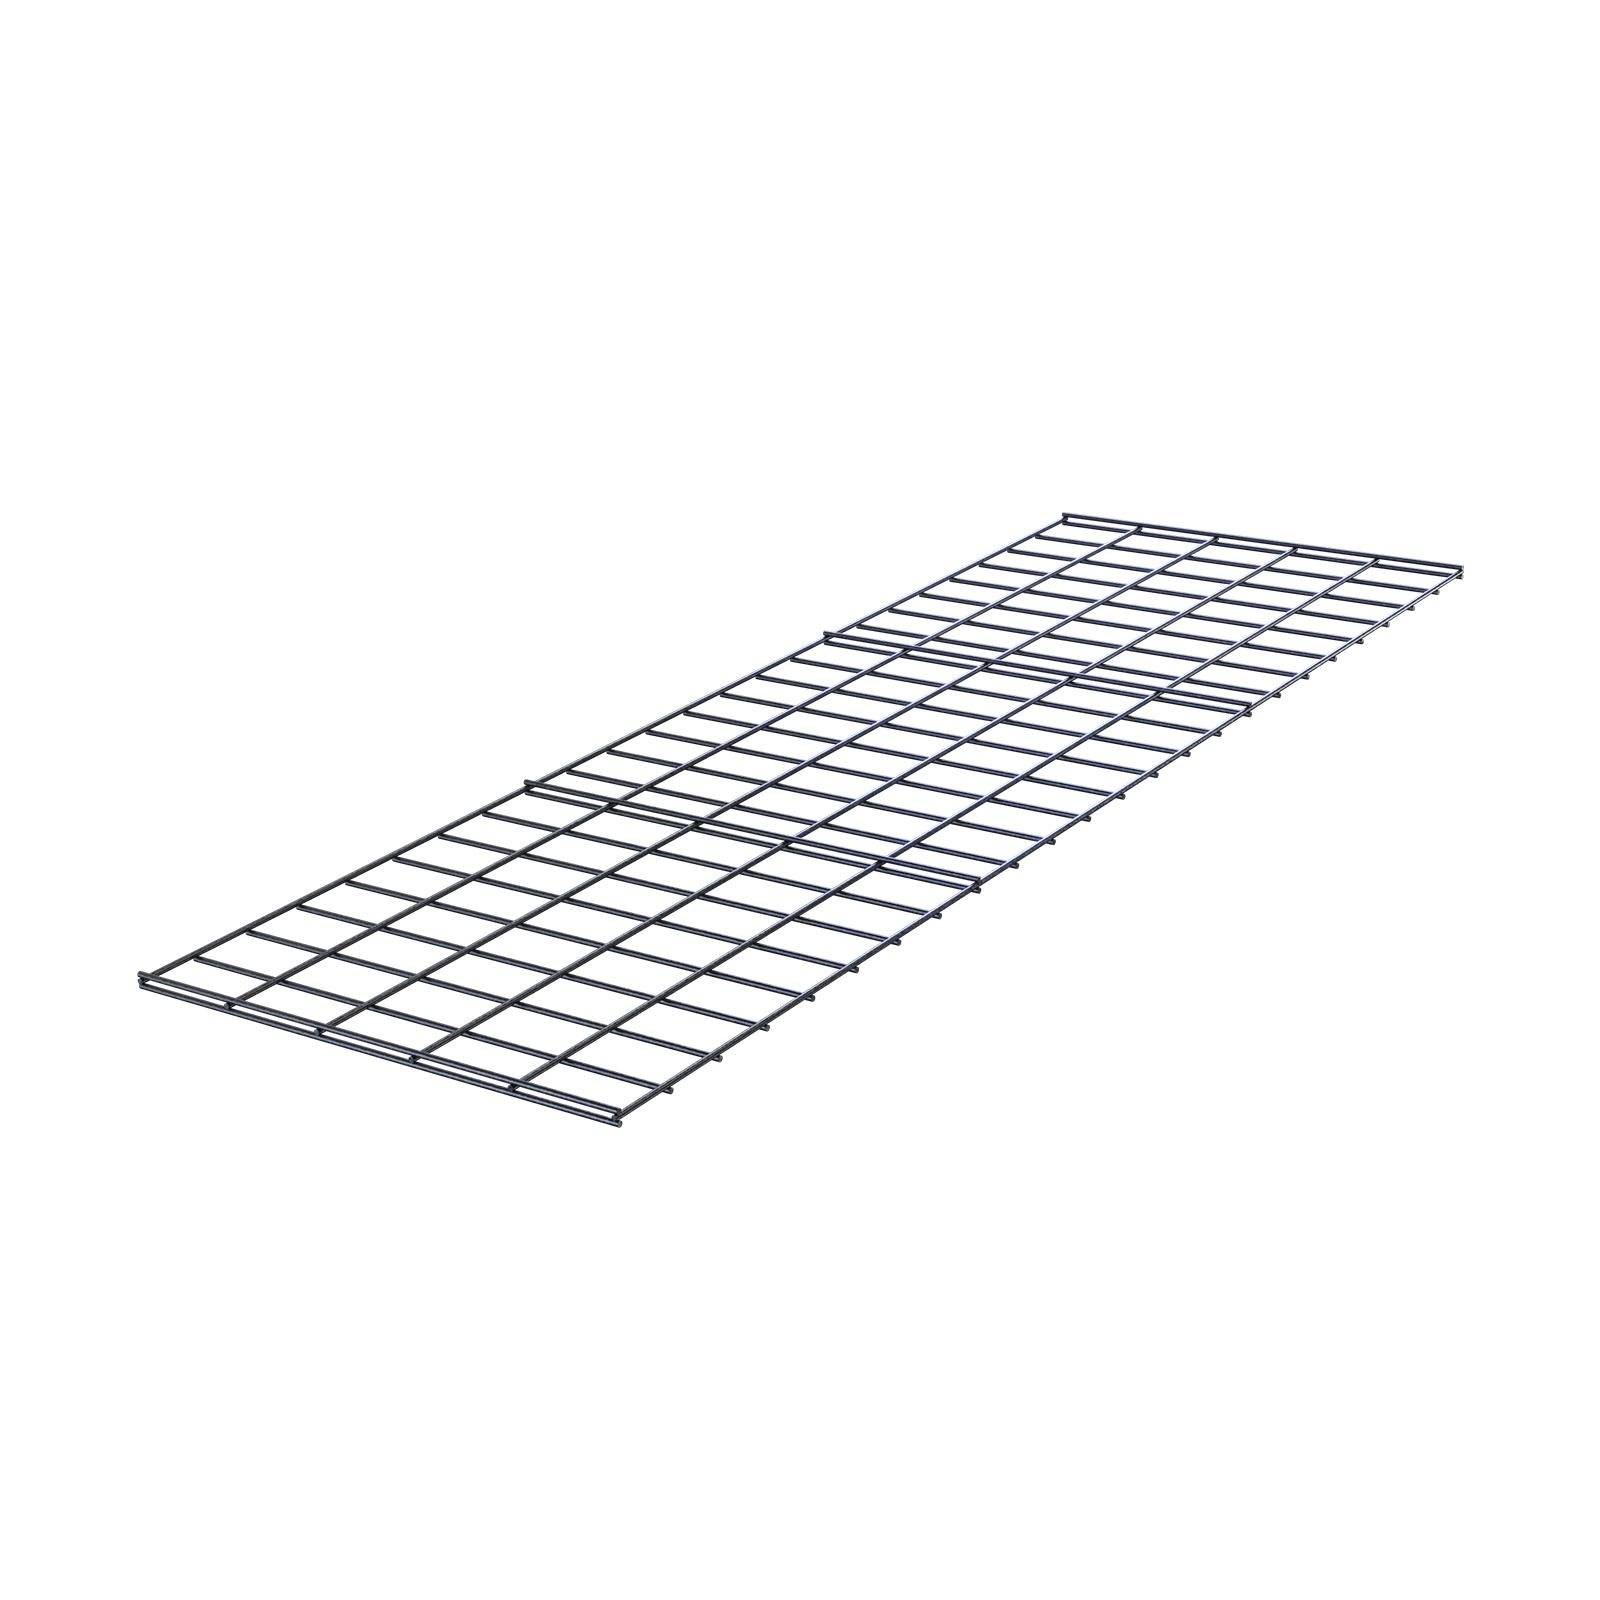 Rack It 1195x400mm 400KG Wire Shelf  (for 430 Rack depth)